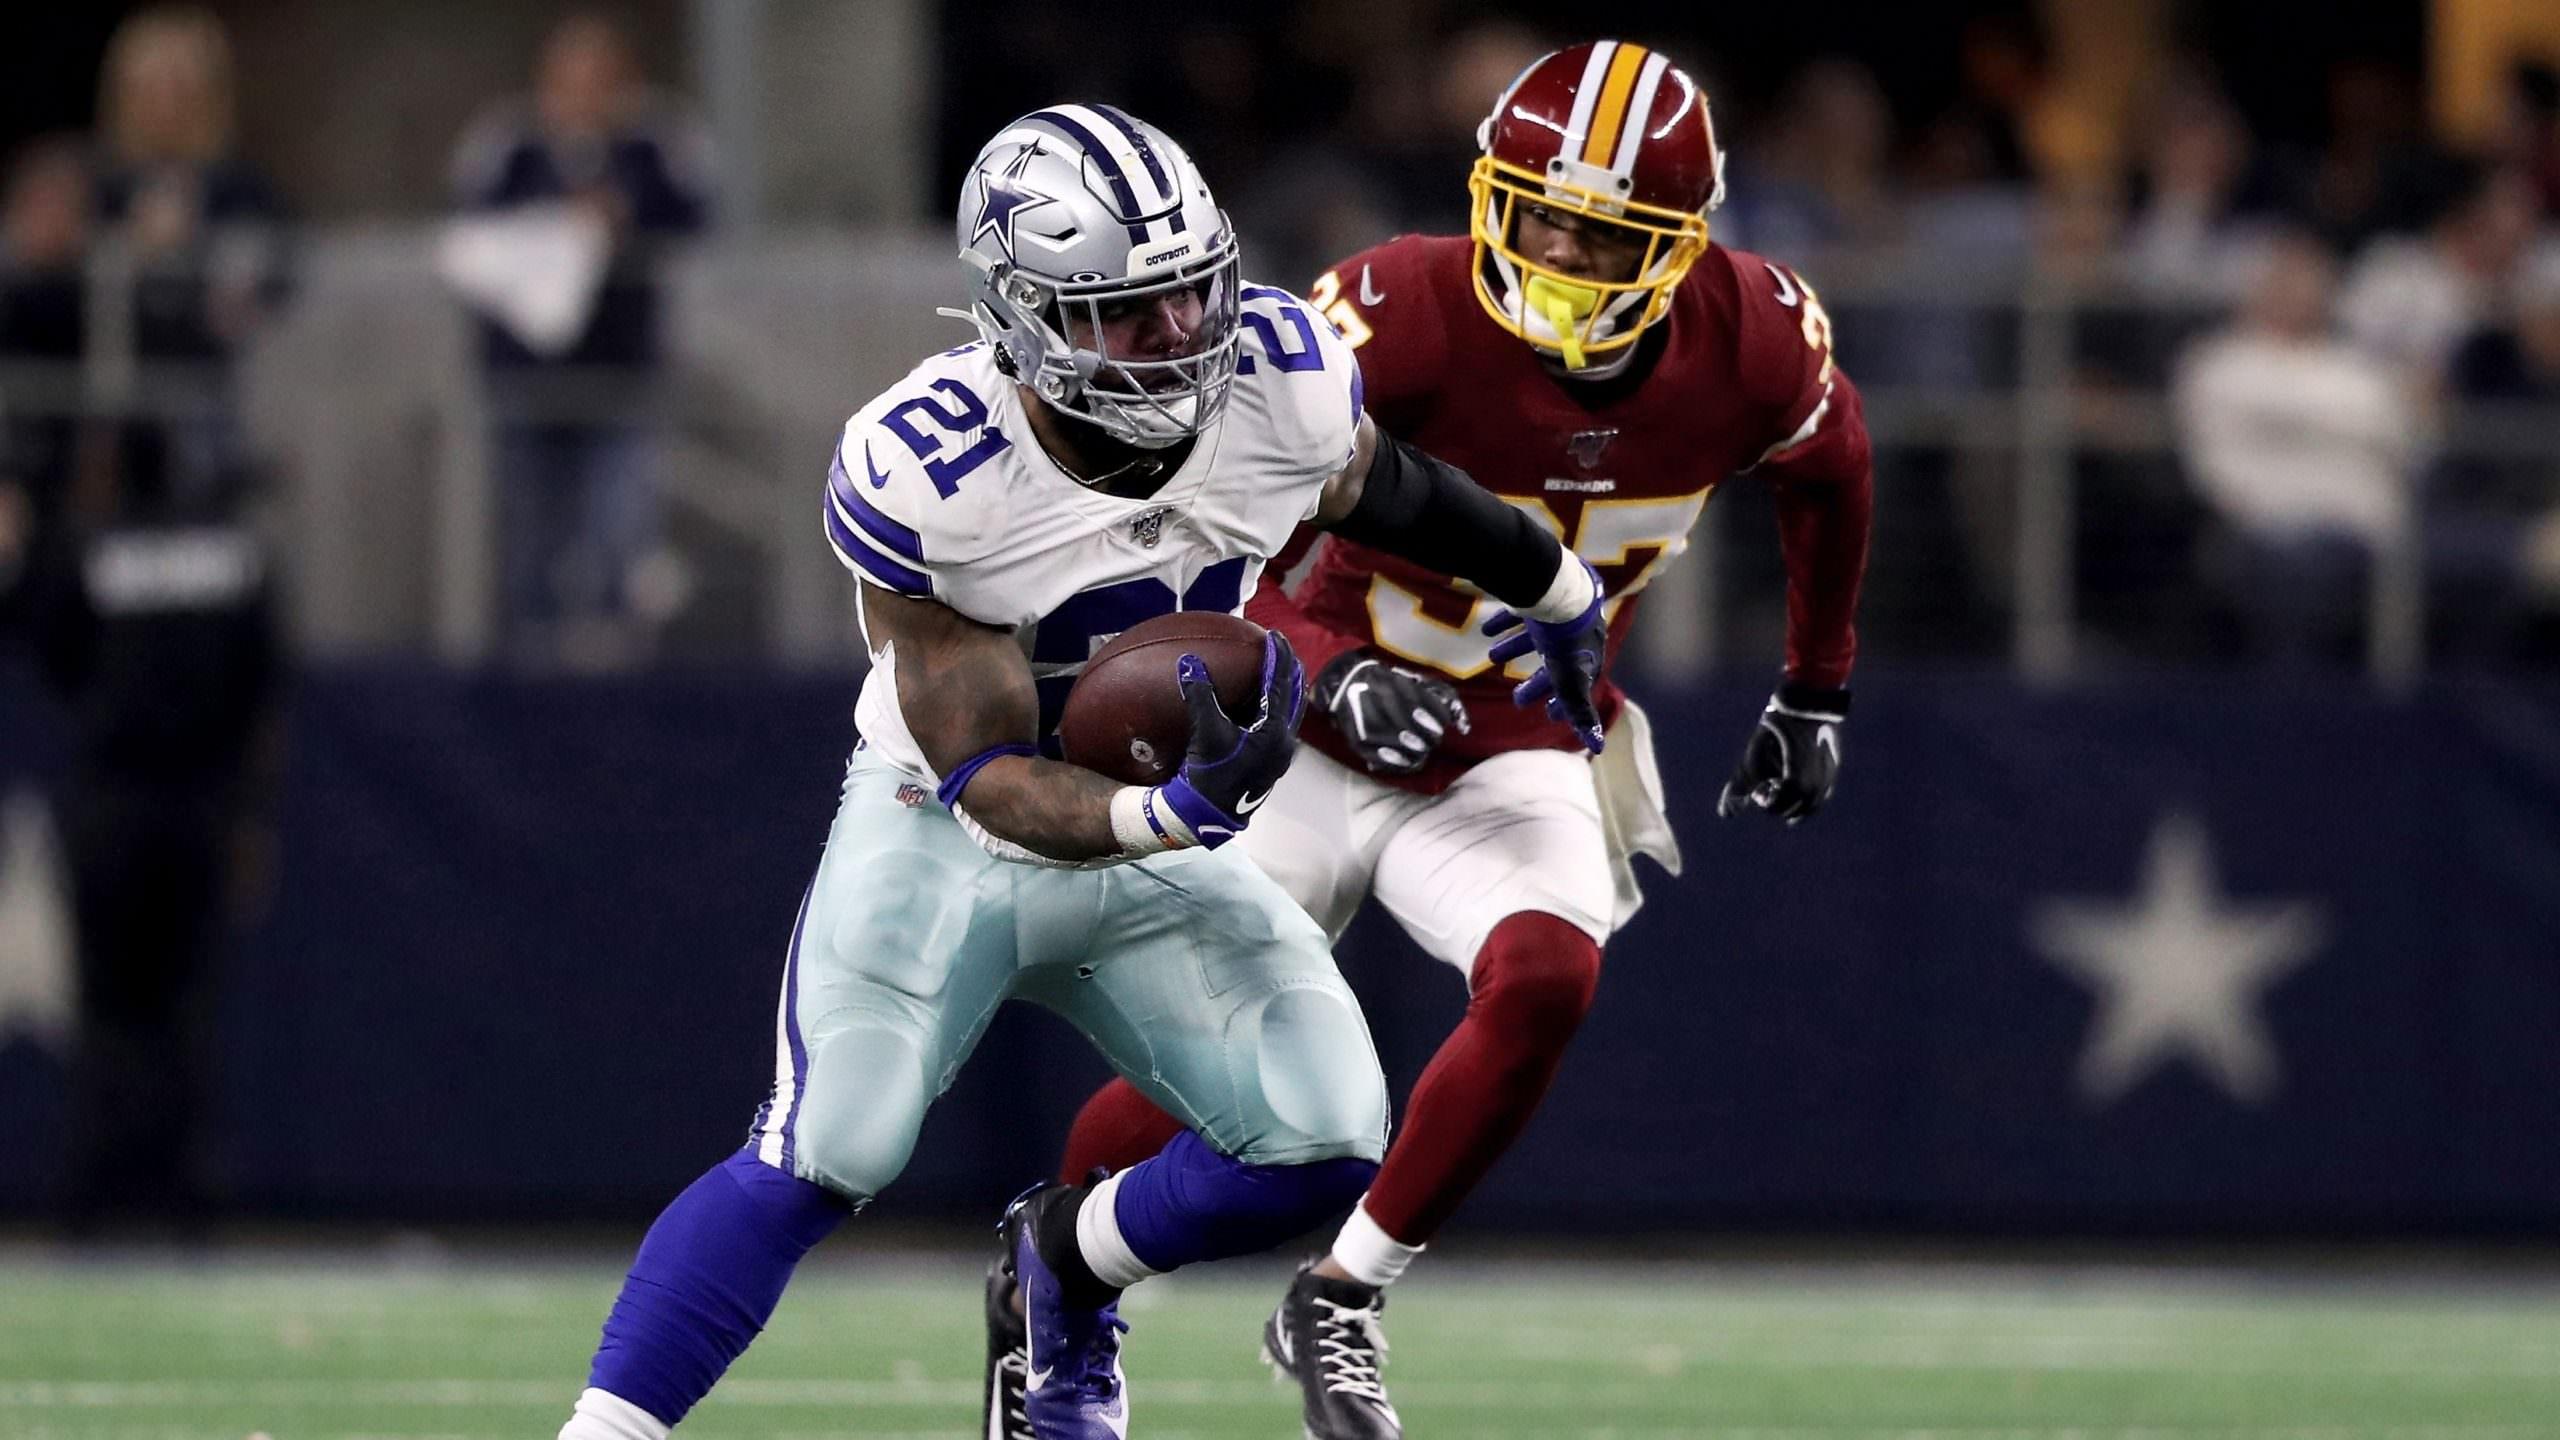 Transmissão ao vivo de Cowboys x Washington: como assistir a 7ª semana da NFL online de qualquer lugar